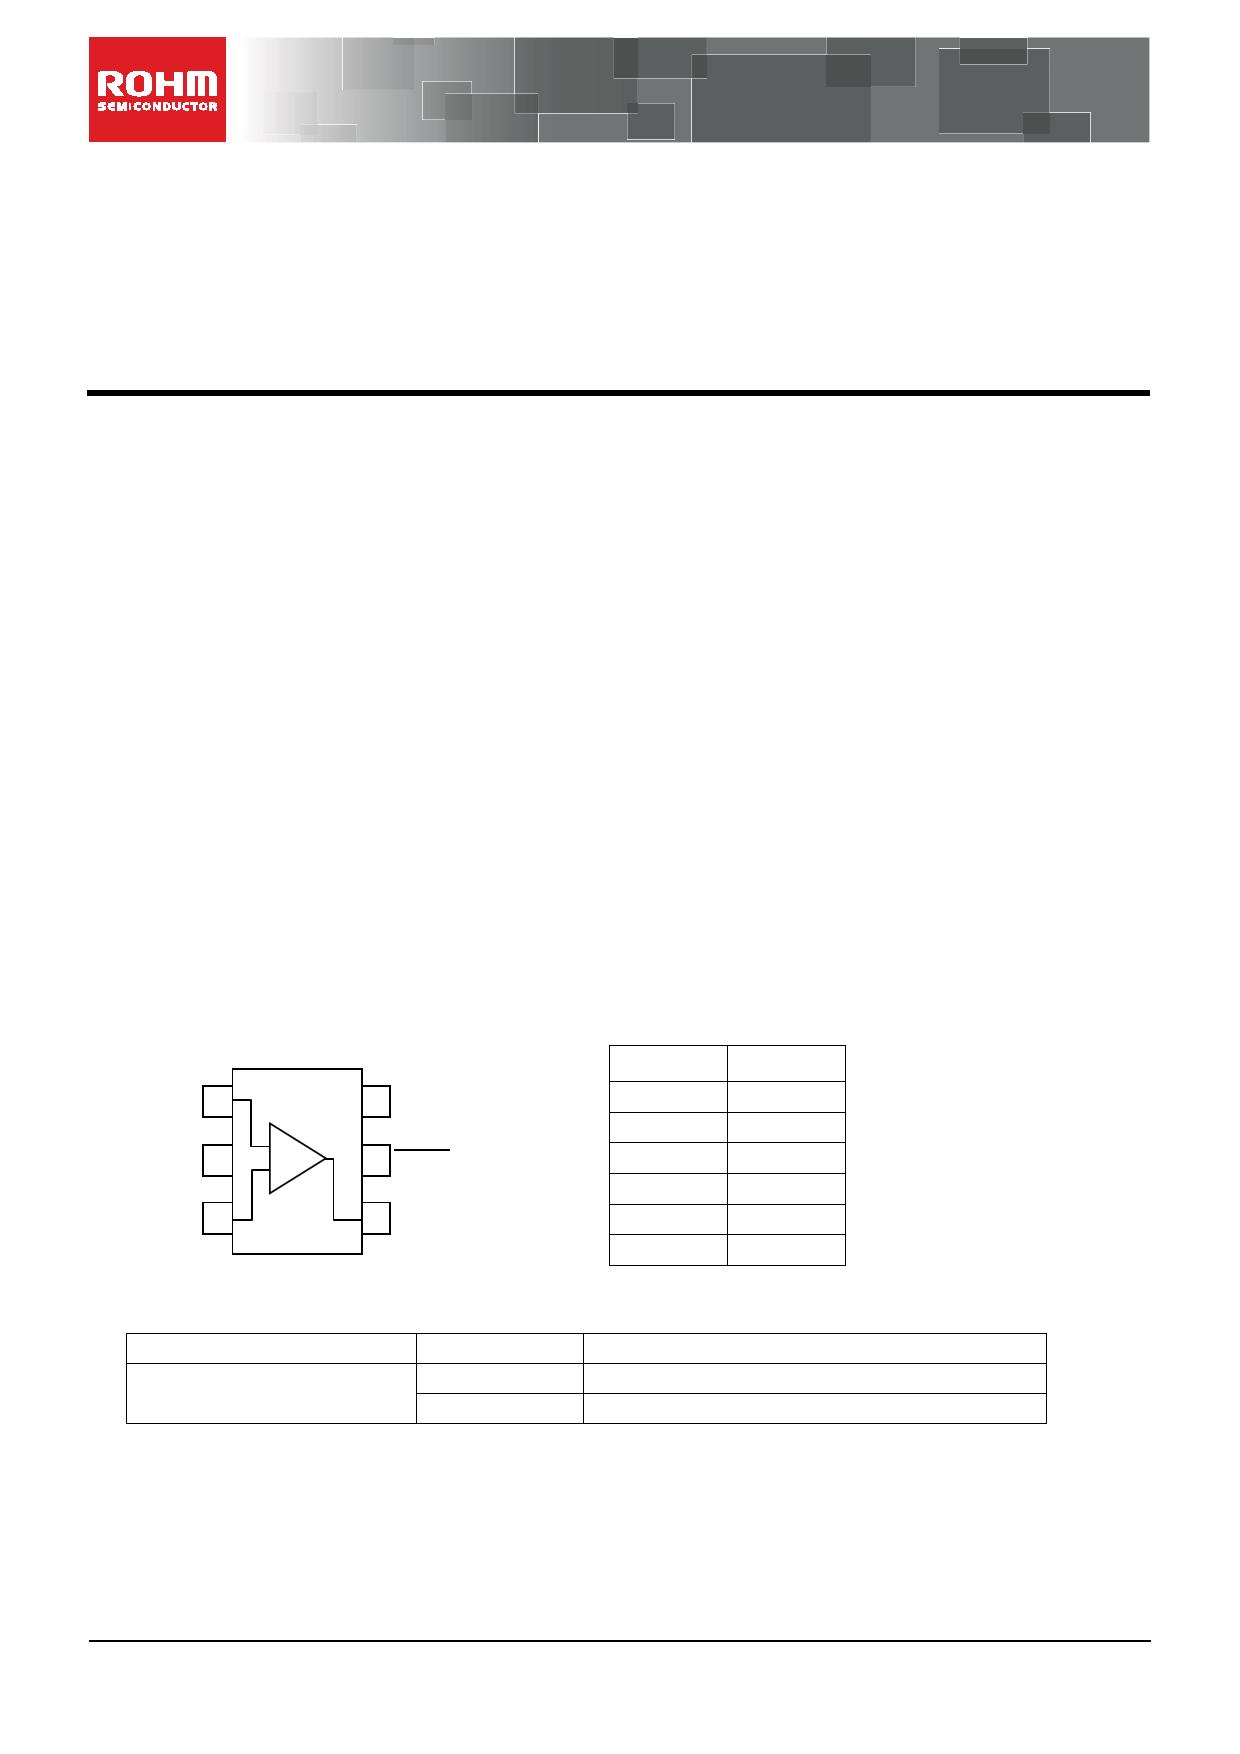 TLR344FVJ datasheet, circuit